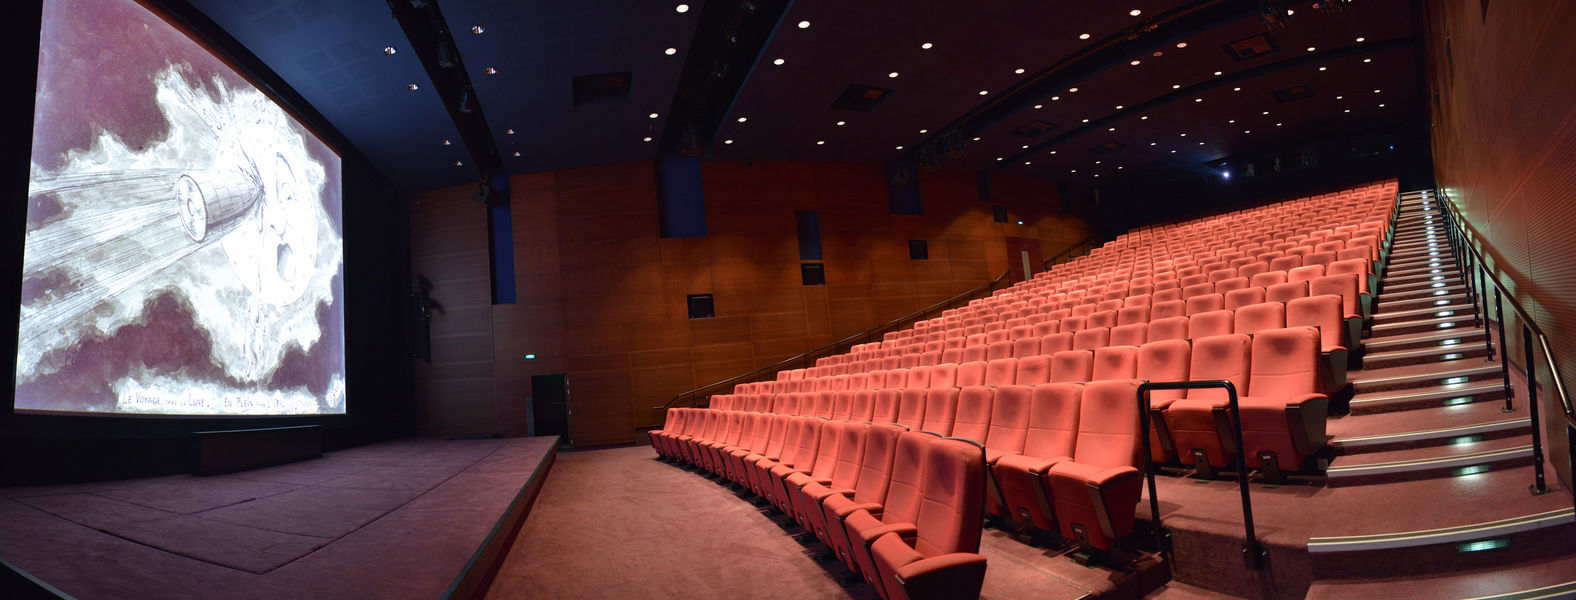 La Cinémathèque française Salle Henri Langlois